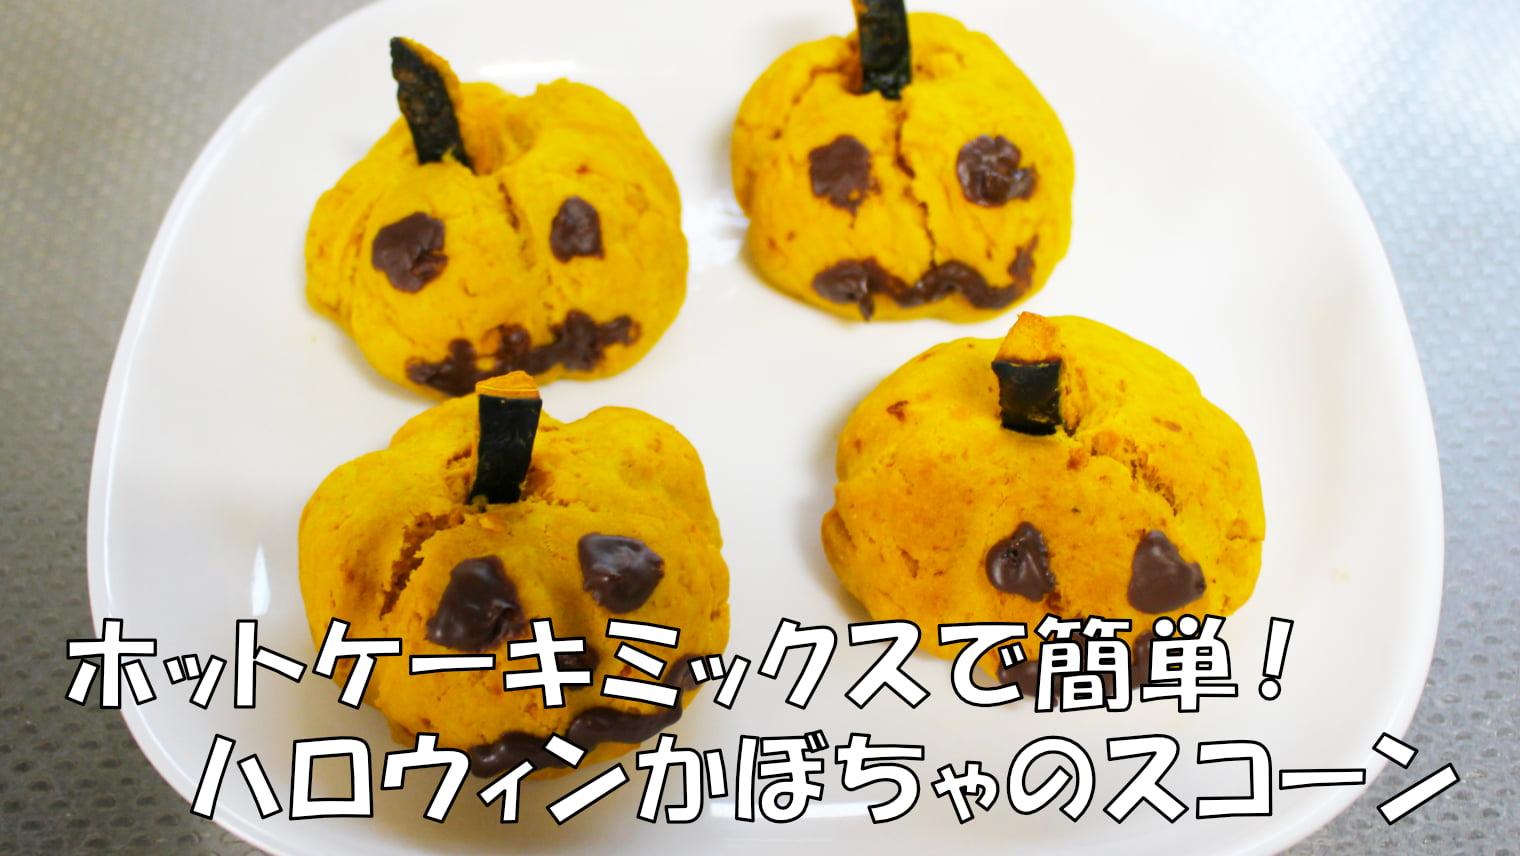 ホットケーキミックスで簡単!ハロウィンかぼちゃのスコーン